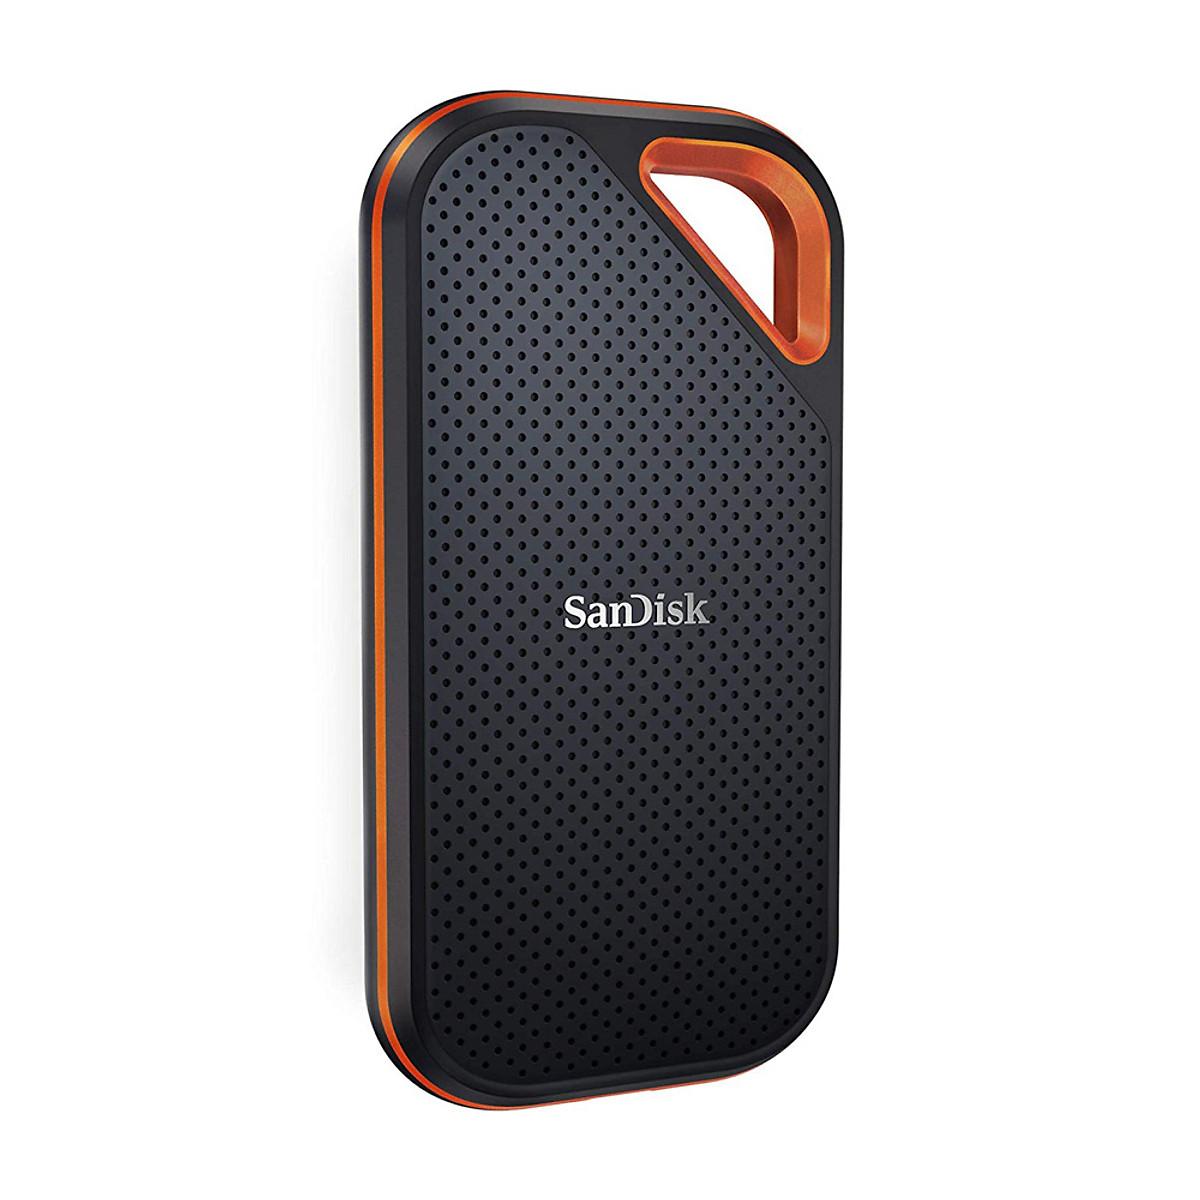 Ổ Cứng Di Động Gắn Ngoài SSD Sandisk Extreme Pro 1TB – Hàng Nhập Khẩu